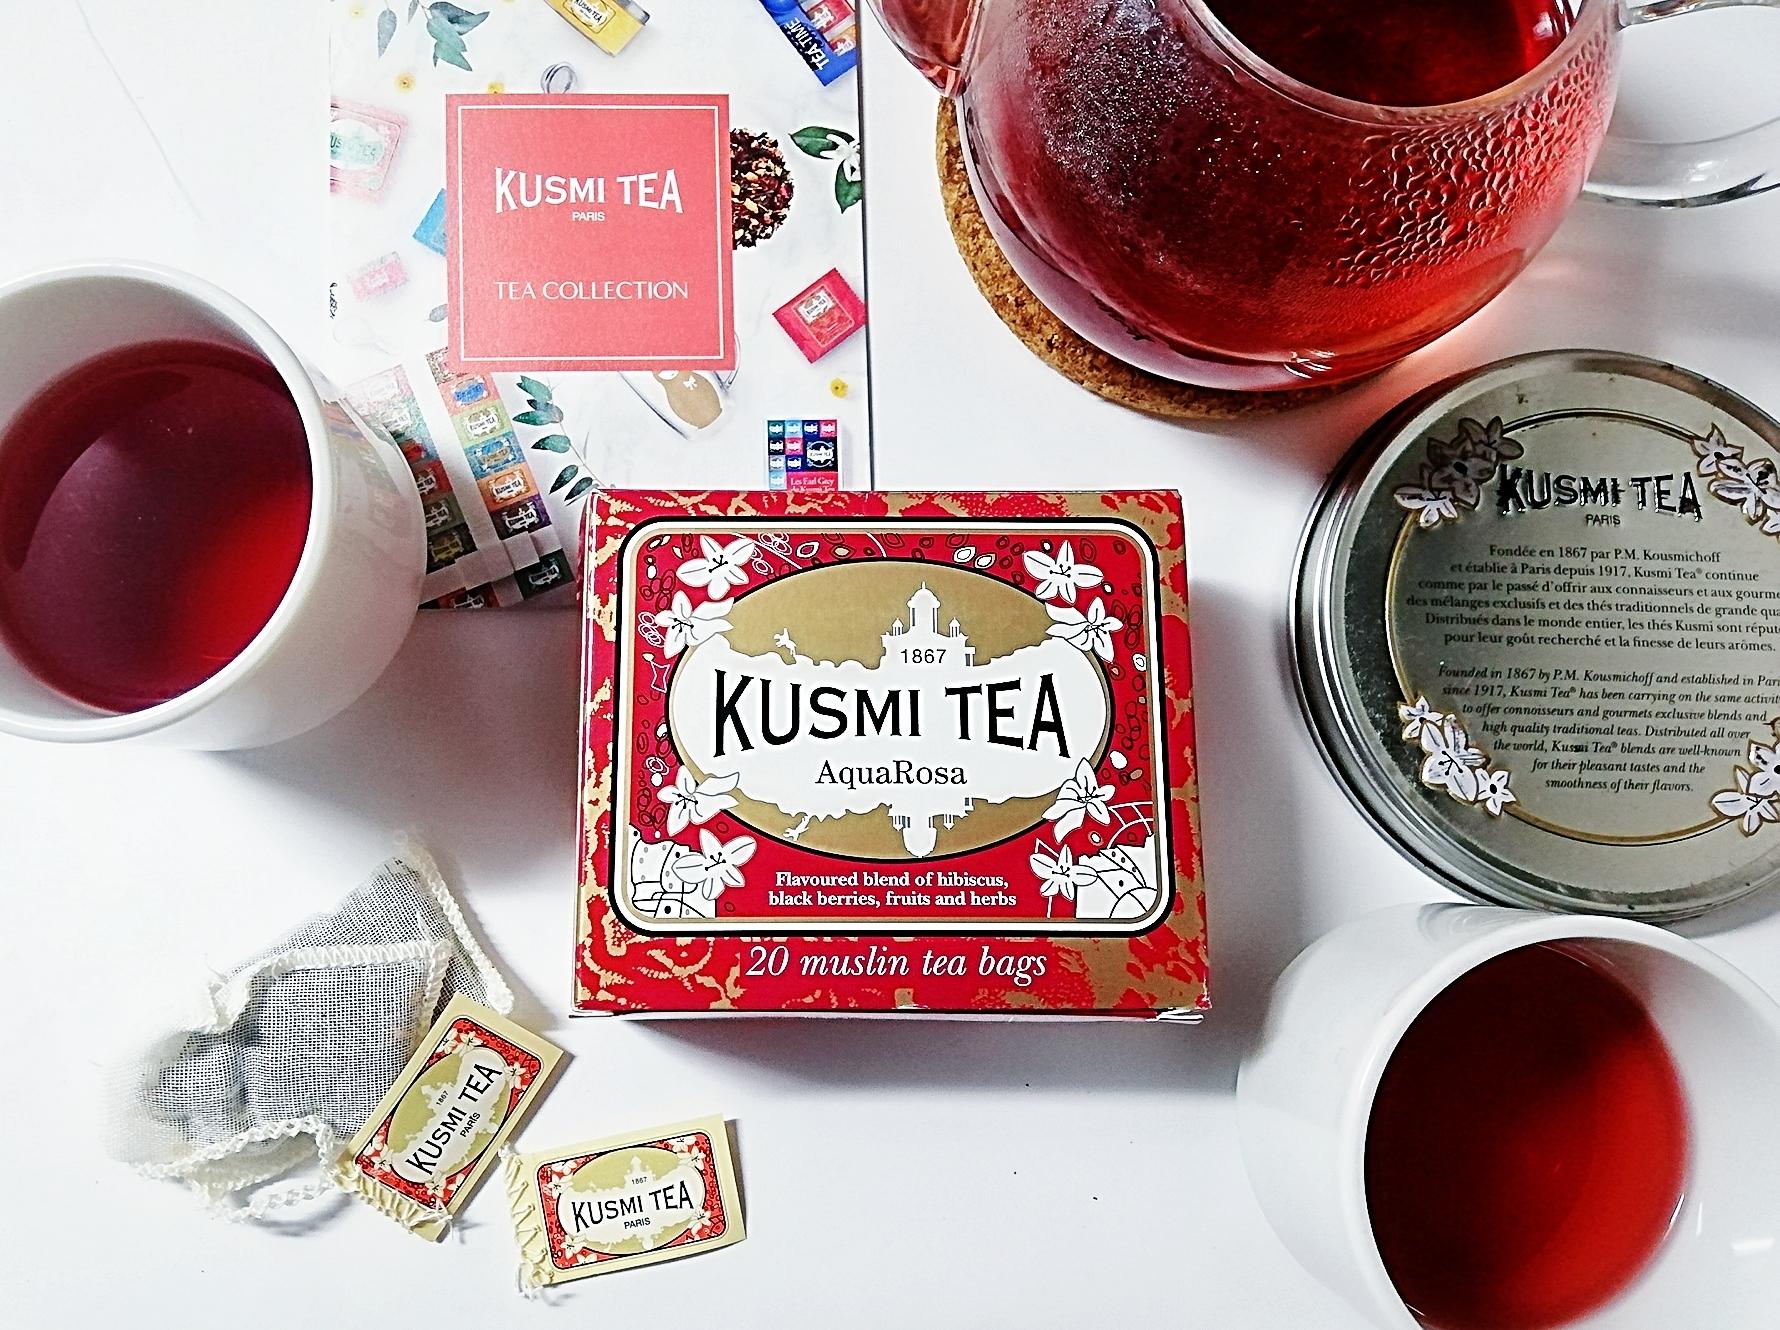 カフェインフリーのウェルネスティー KUSMI TEA(クスミティー)【アクアローザ】で夏の疲れをデトックス